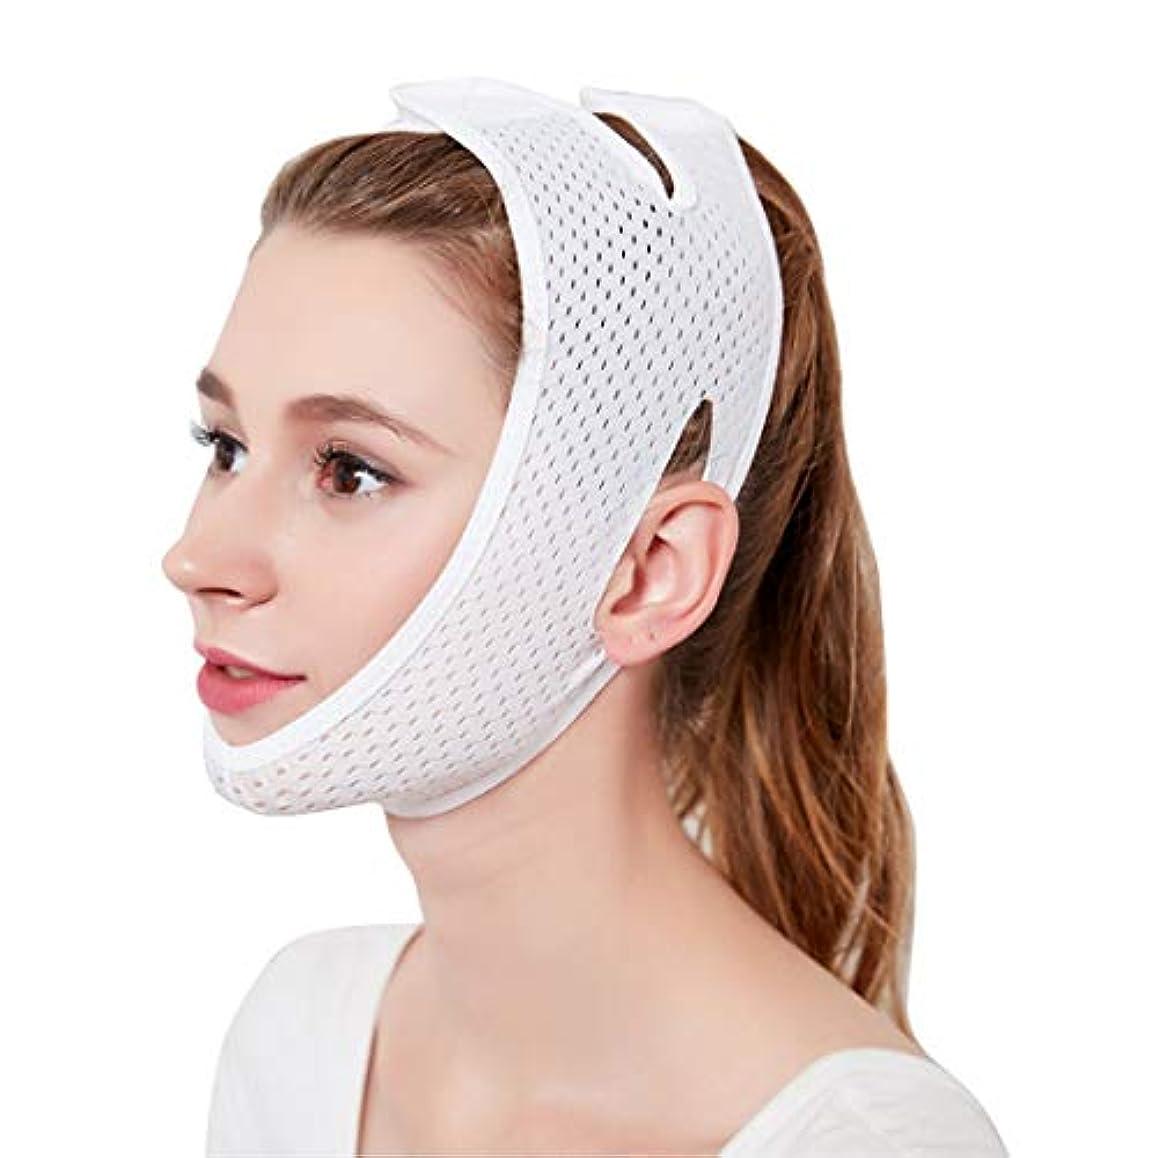 色合い寄り添う徒歩でZWBD フェイスマスク, 薄い顔包帯v顔の薄い咬筋の筋肉通気性の薄い顔咬筋の筋肉Vフェイスマスクダブルあごリフトあご